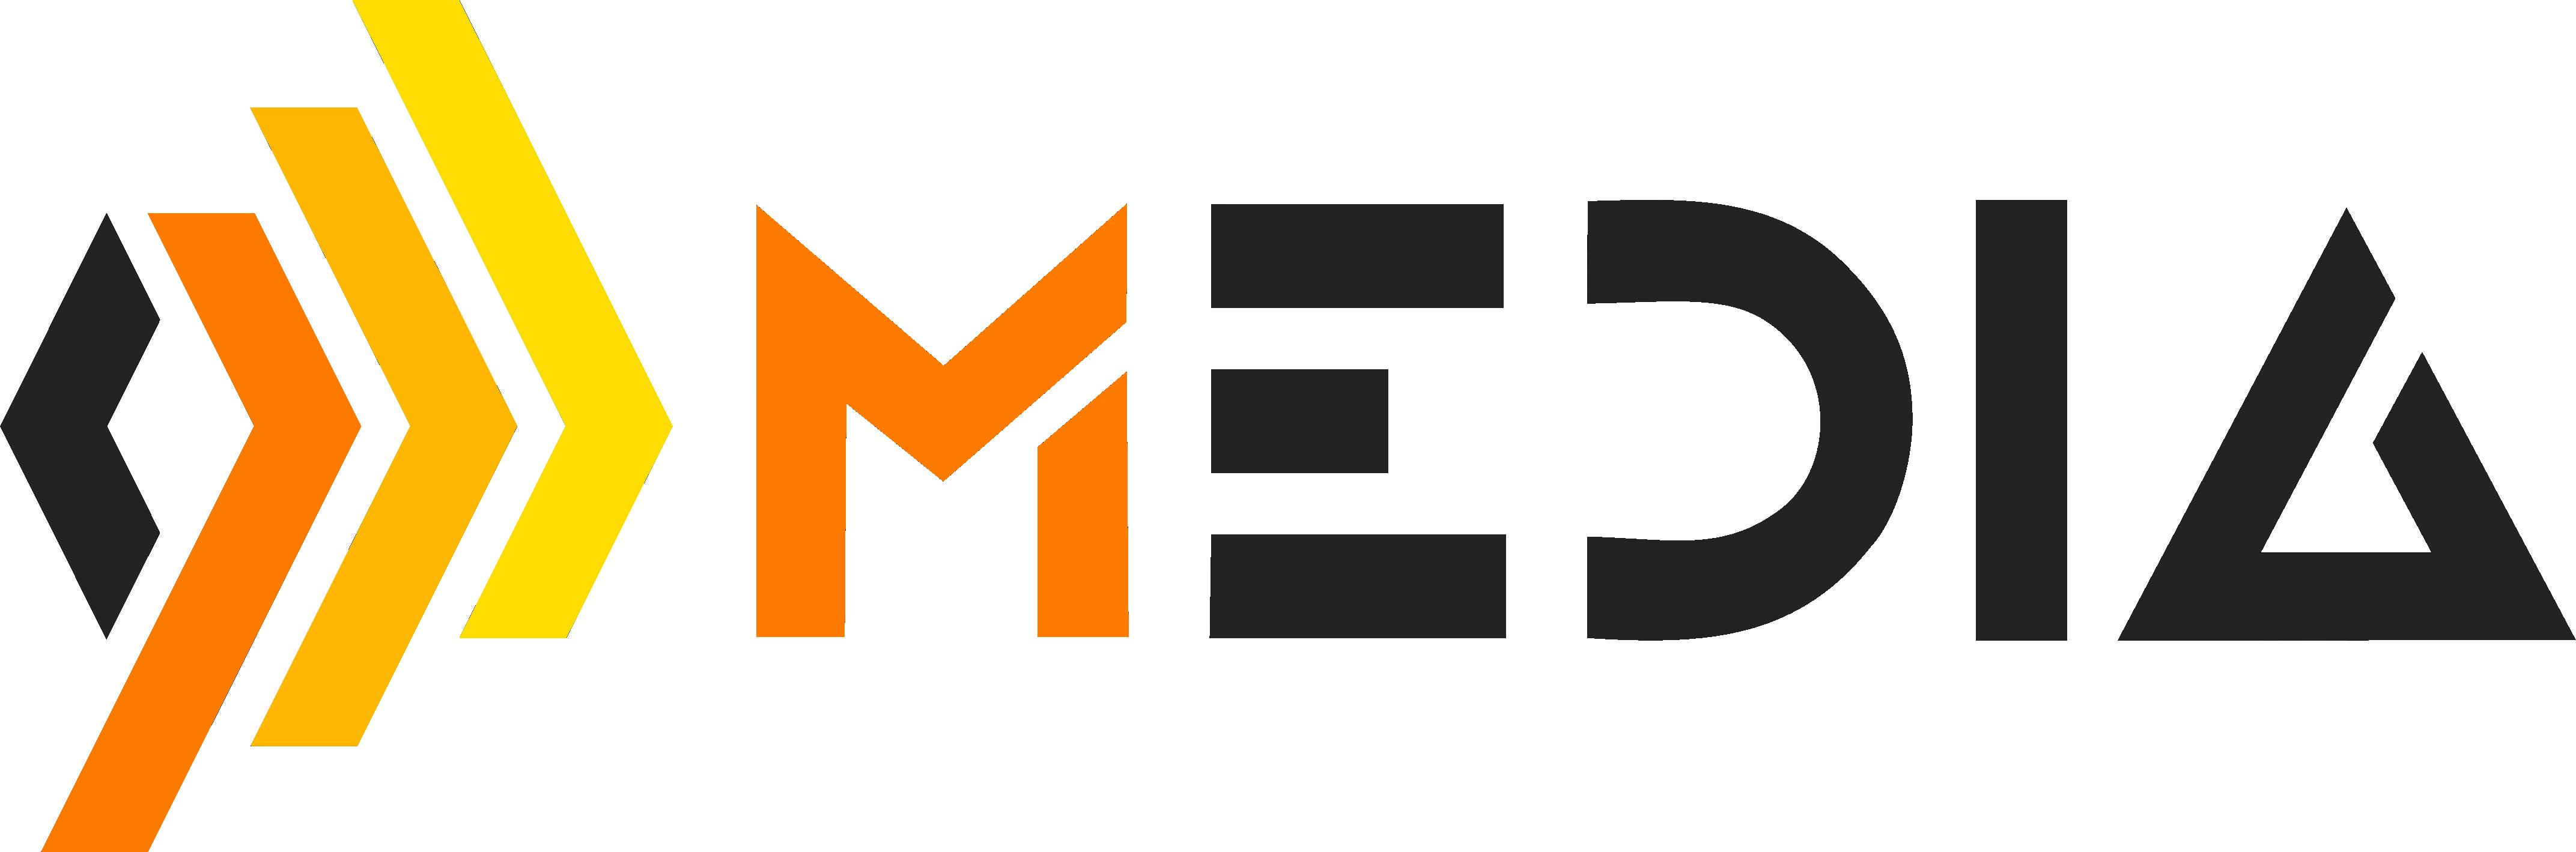 Cloud Services | Sembilan Media